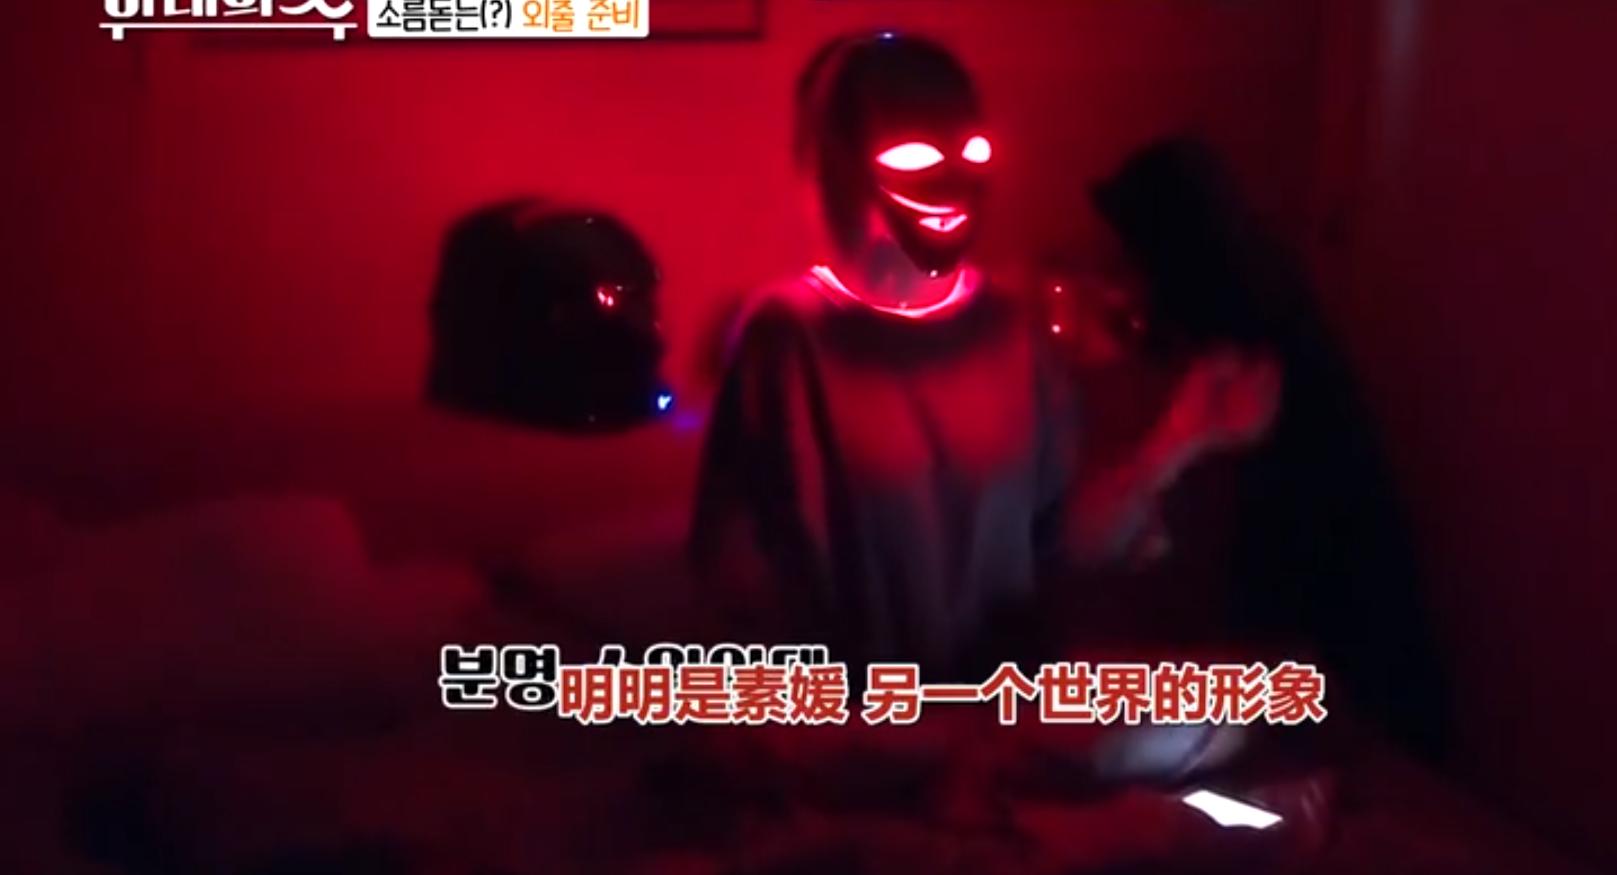 咸素媛超清镜头前做美容,当看到她之后的妆面,网友抓狂不敢信!